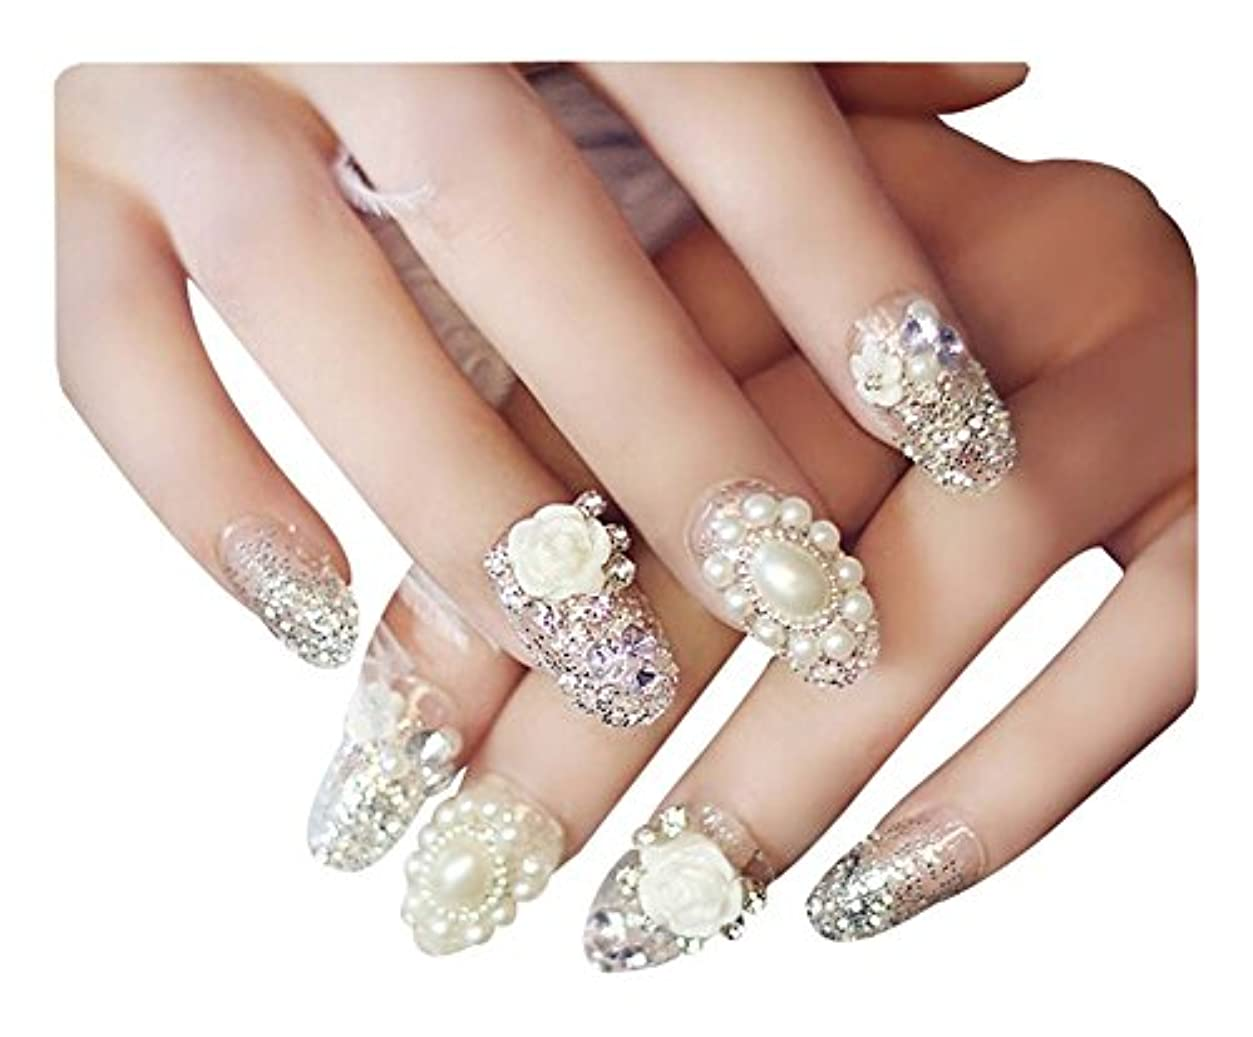 ベッド社説争い人工真珠のラインストーンの偽の釘の結婚式の構造のネイルアート、ピンク、2パック - 48枚